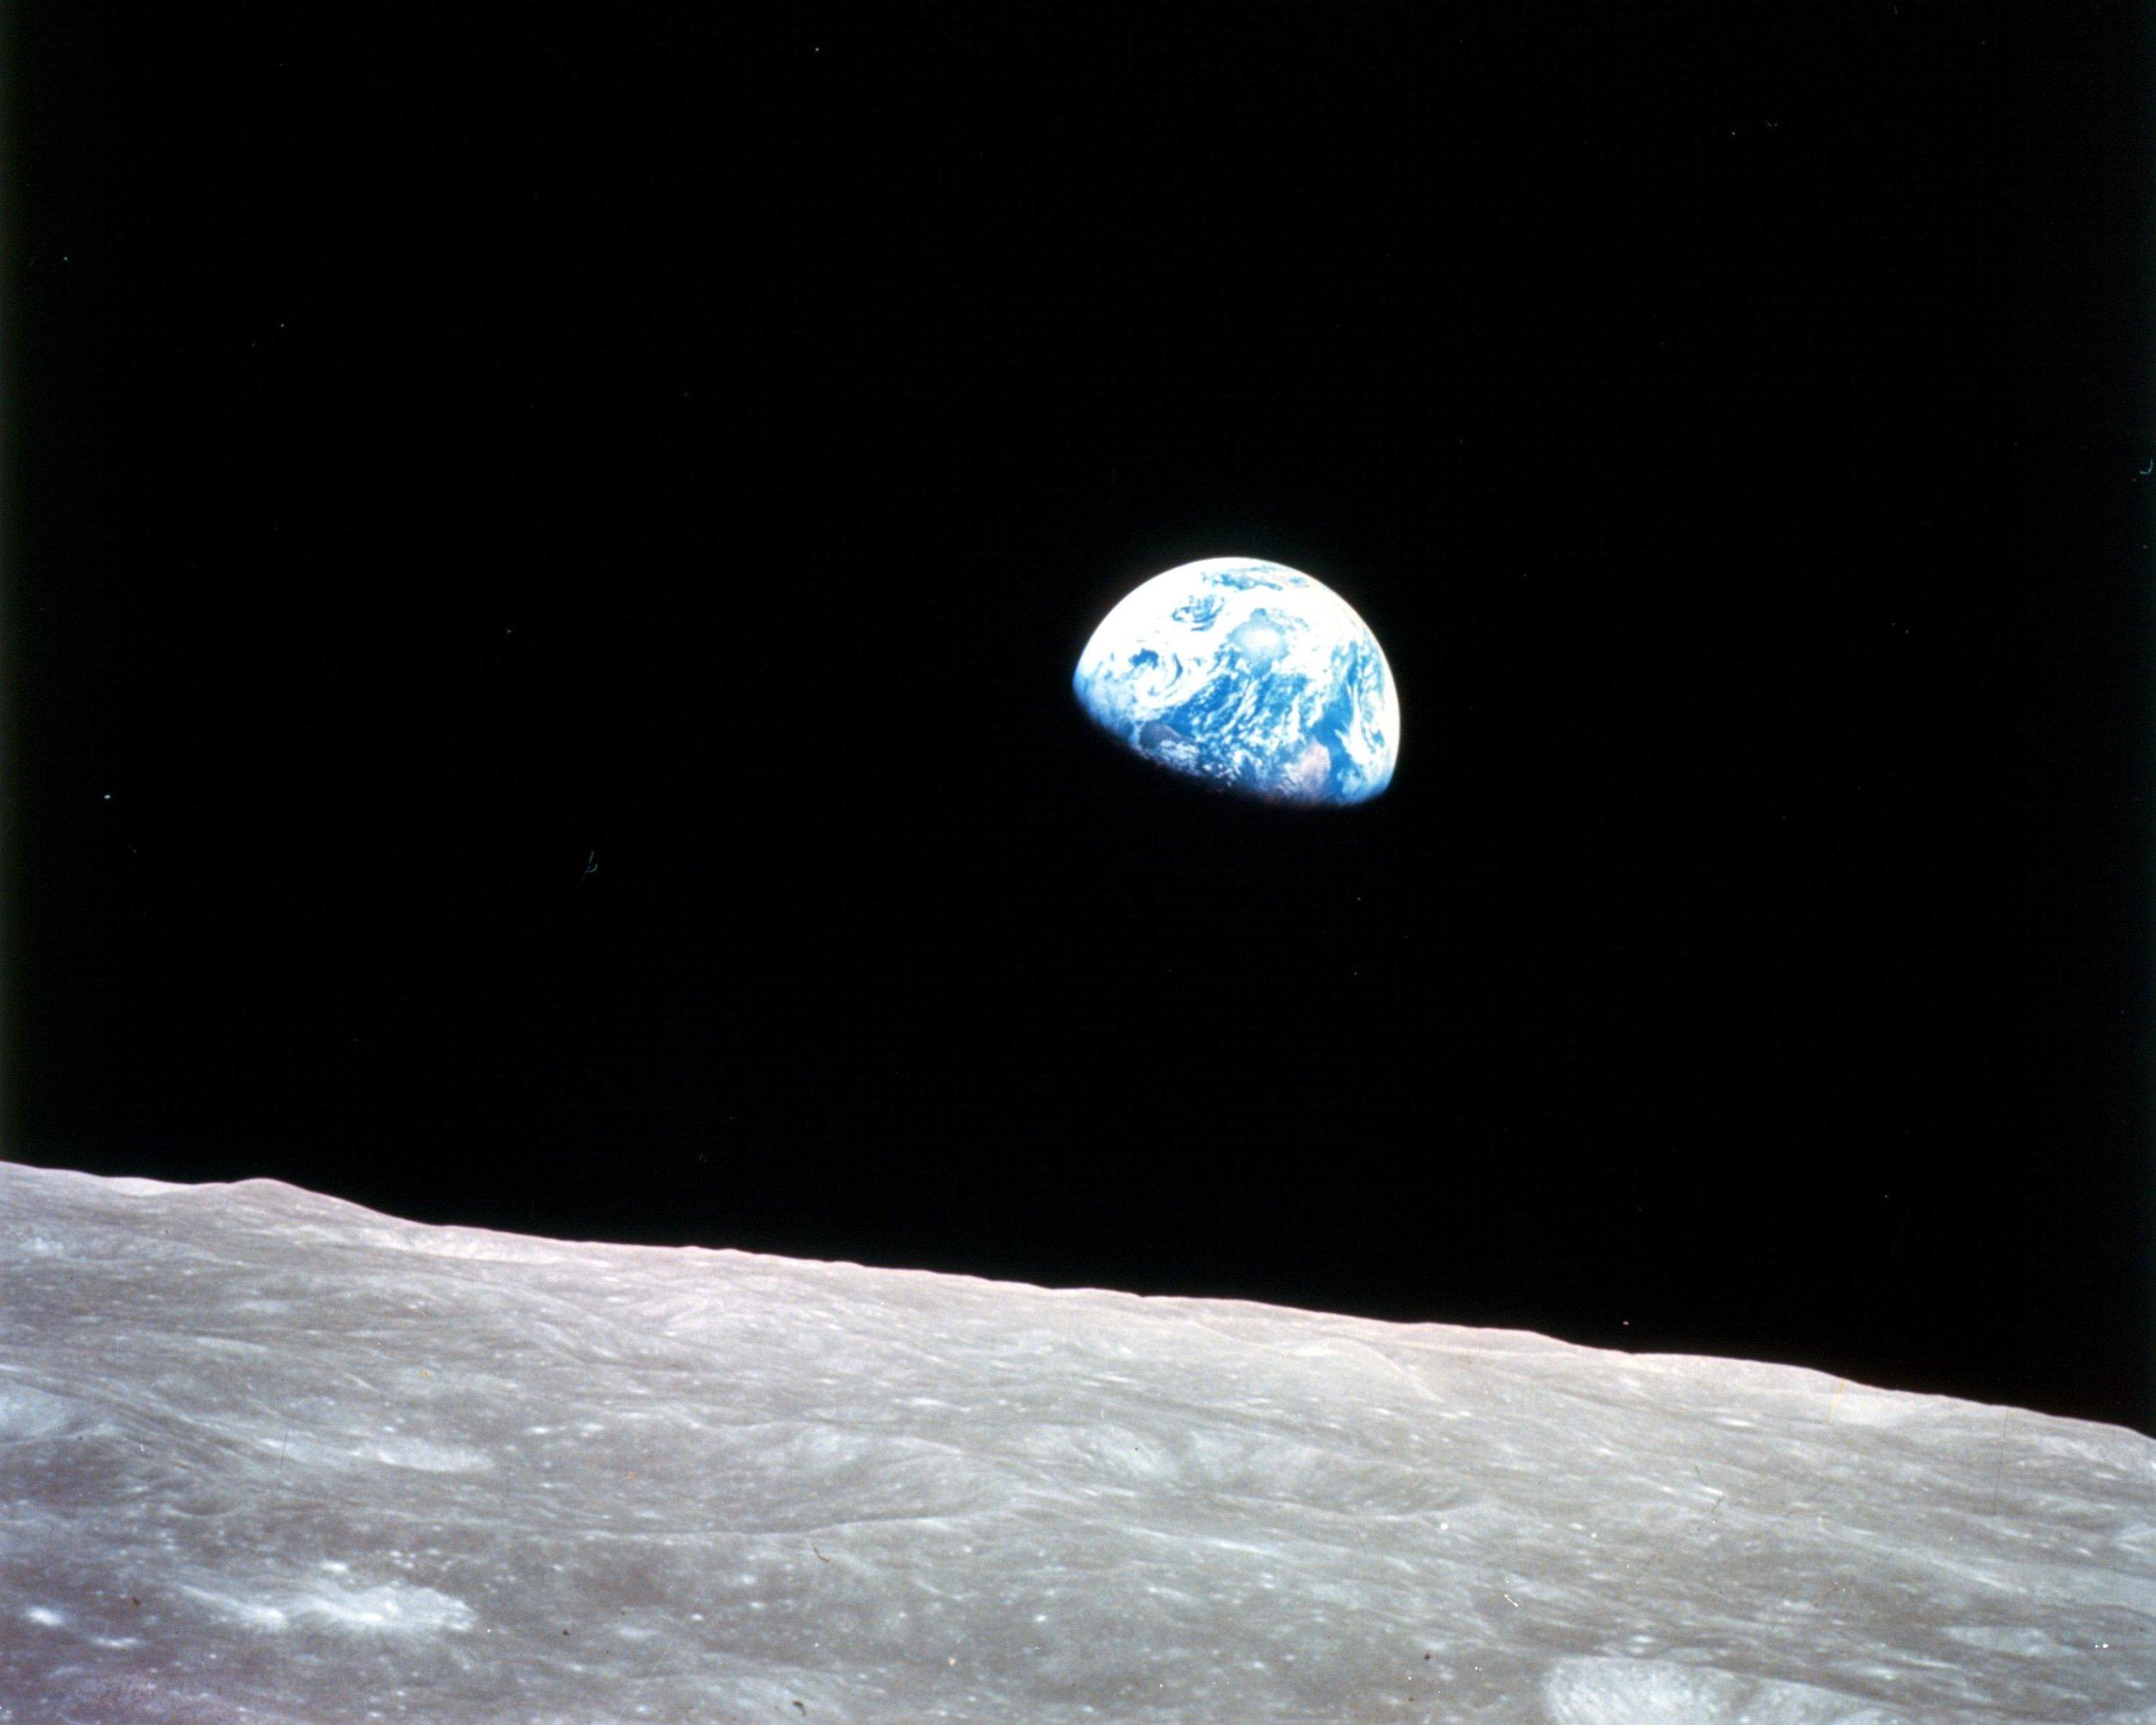 NASA,  Earthrise  (1968).  Source:https://www.nasa.gov/sites/default/files/images/297755main_GPN-2001-000009_full.jpg